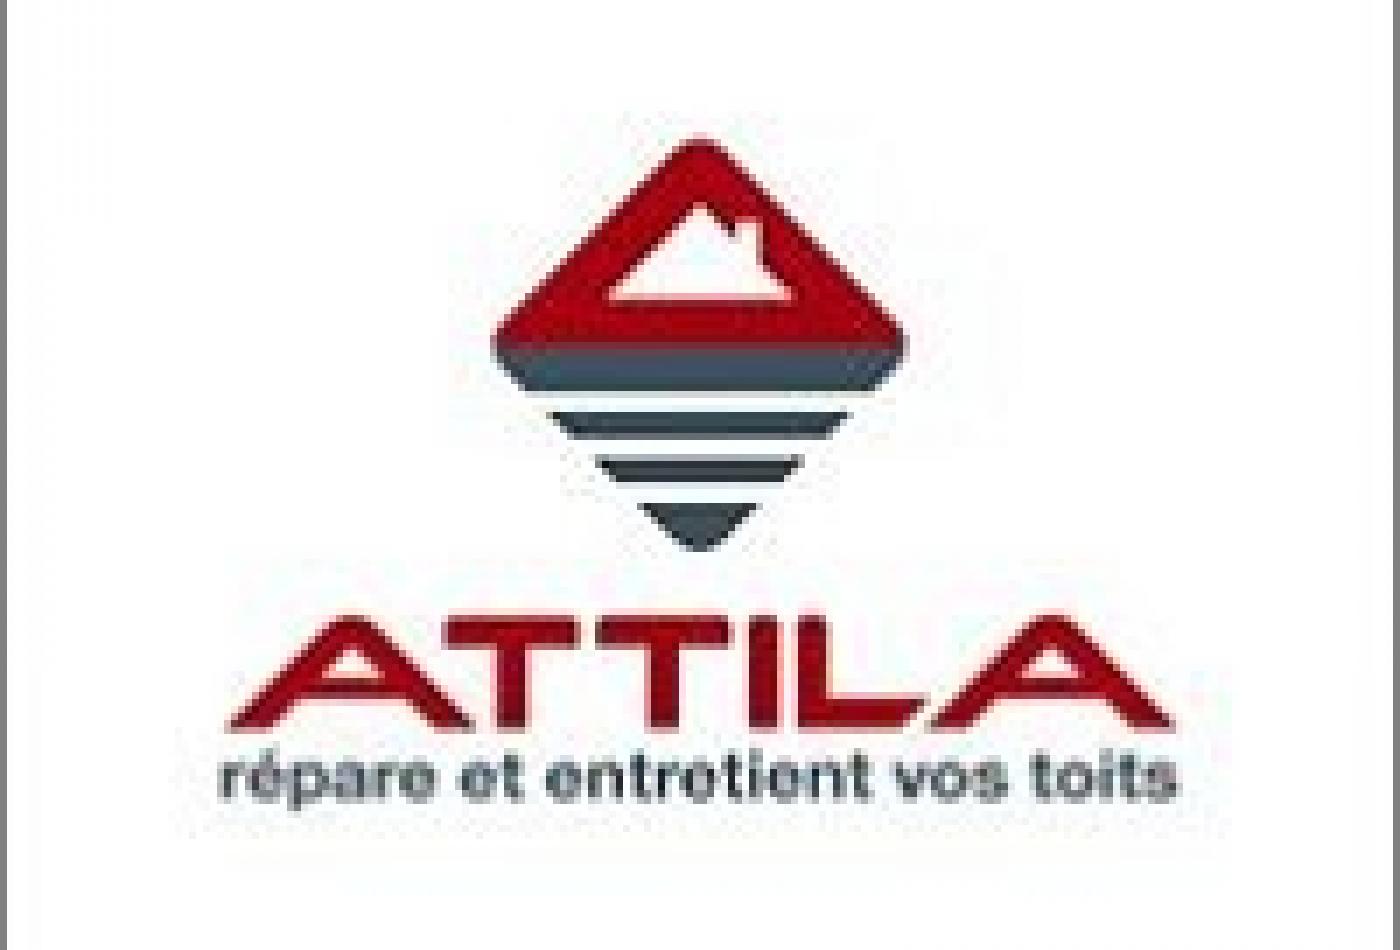 Attila - couvreur, etancheur, zingueur Vends du sud